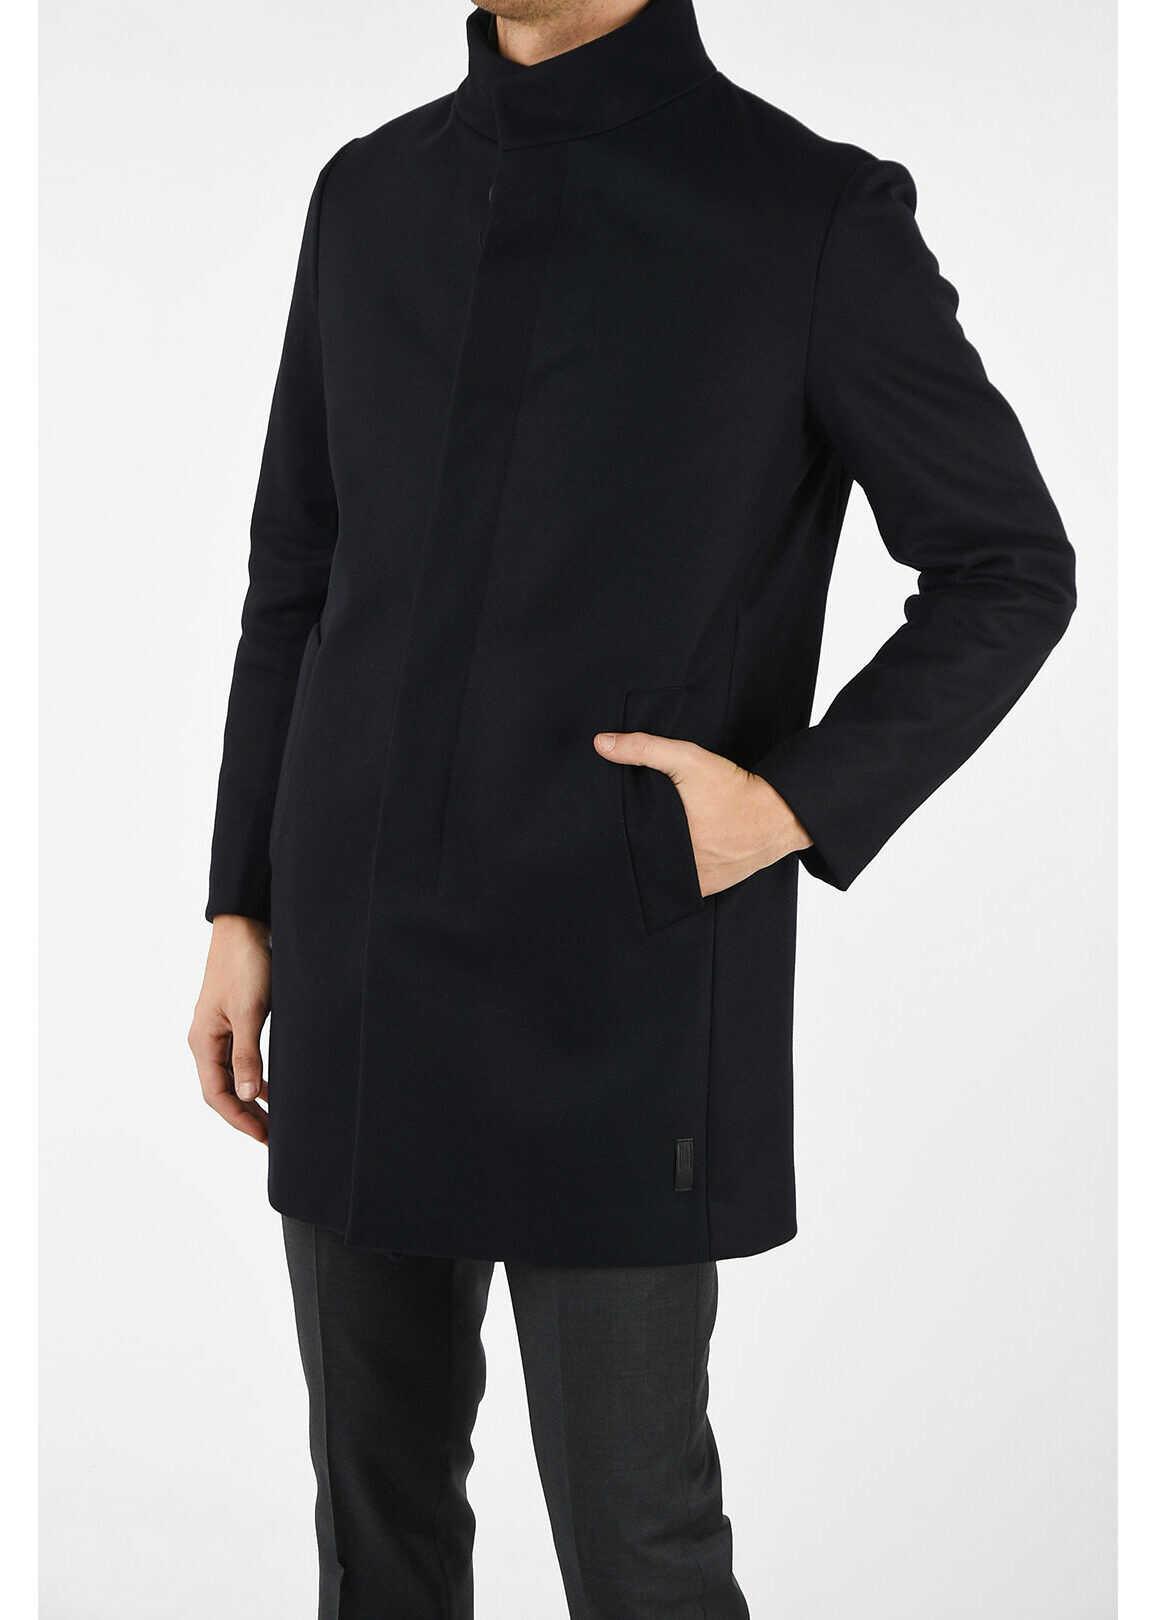 Armani COLLEZIONI Coat with detachable vest BLUE